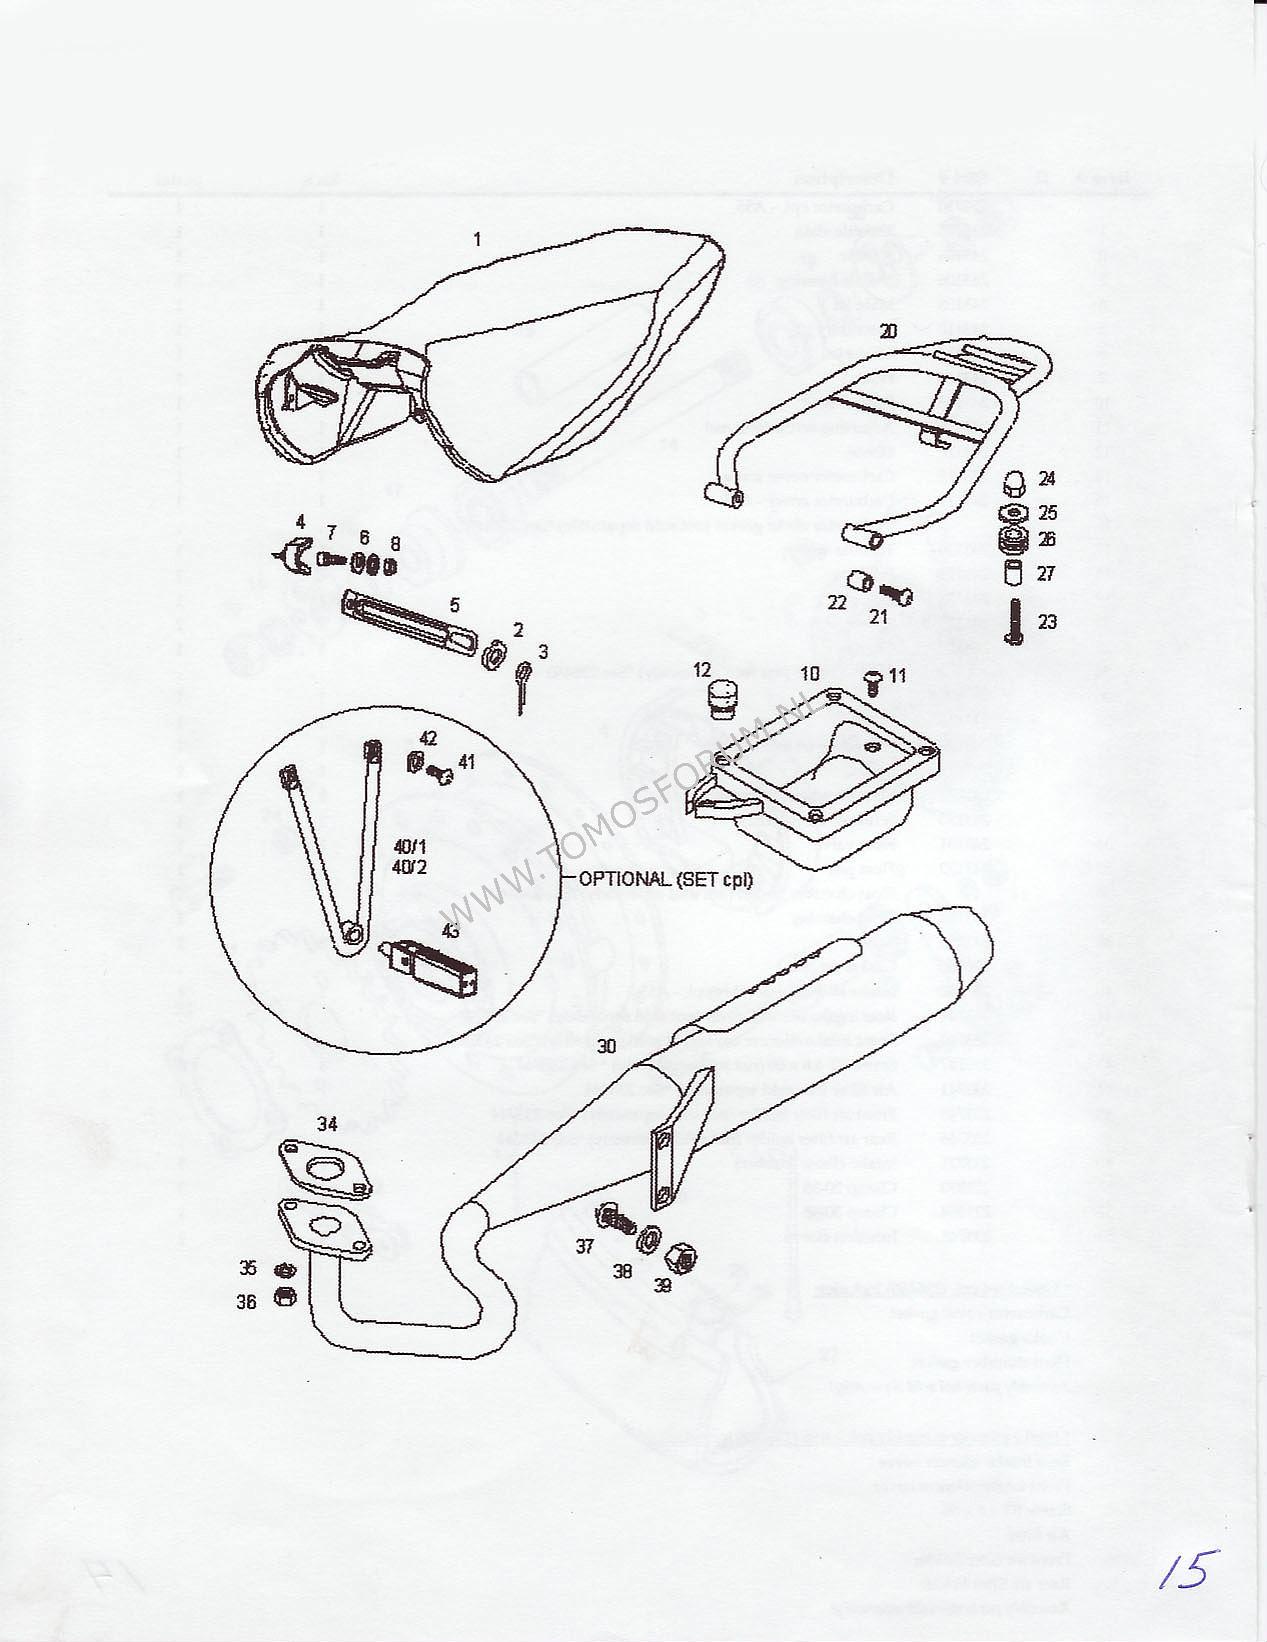 Streetmate Exploded Views Parts Manual Skateboard Diagram Door Op Het Afbeelding Te Klikken Wordt Een Grotere Versie Van Deafbeelding In Nieuw Venster Geopend